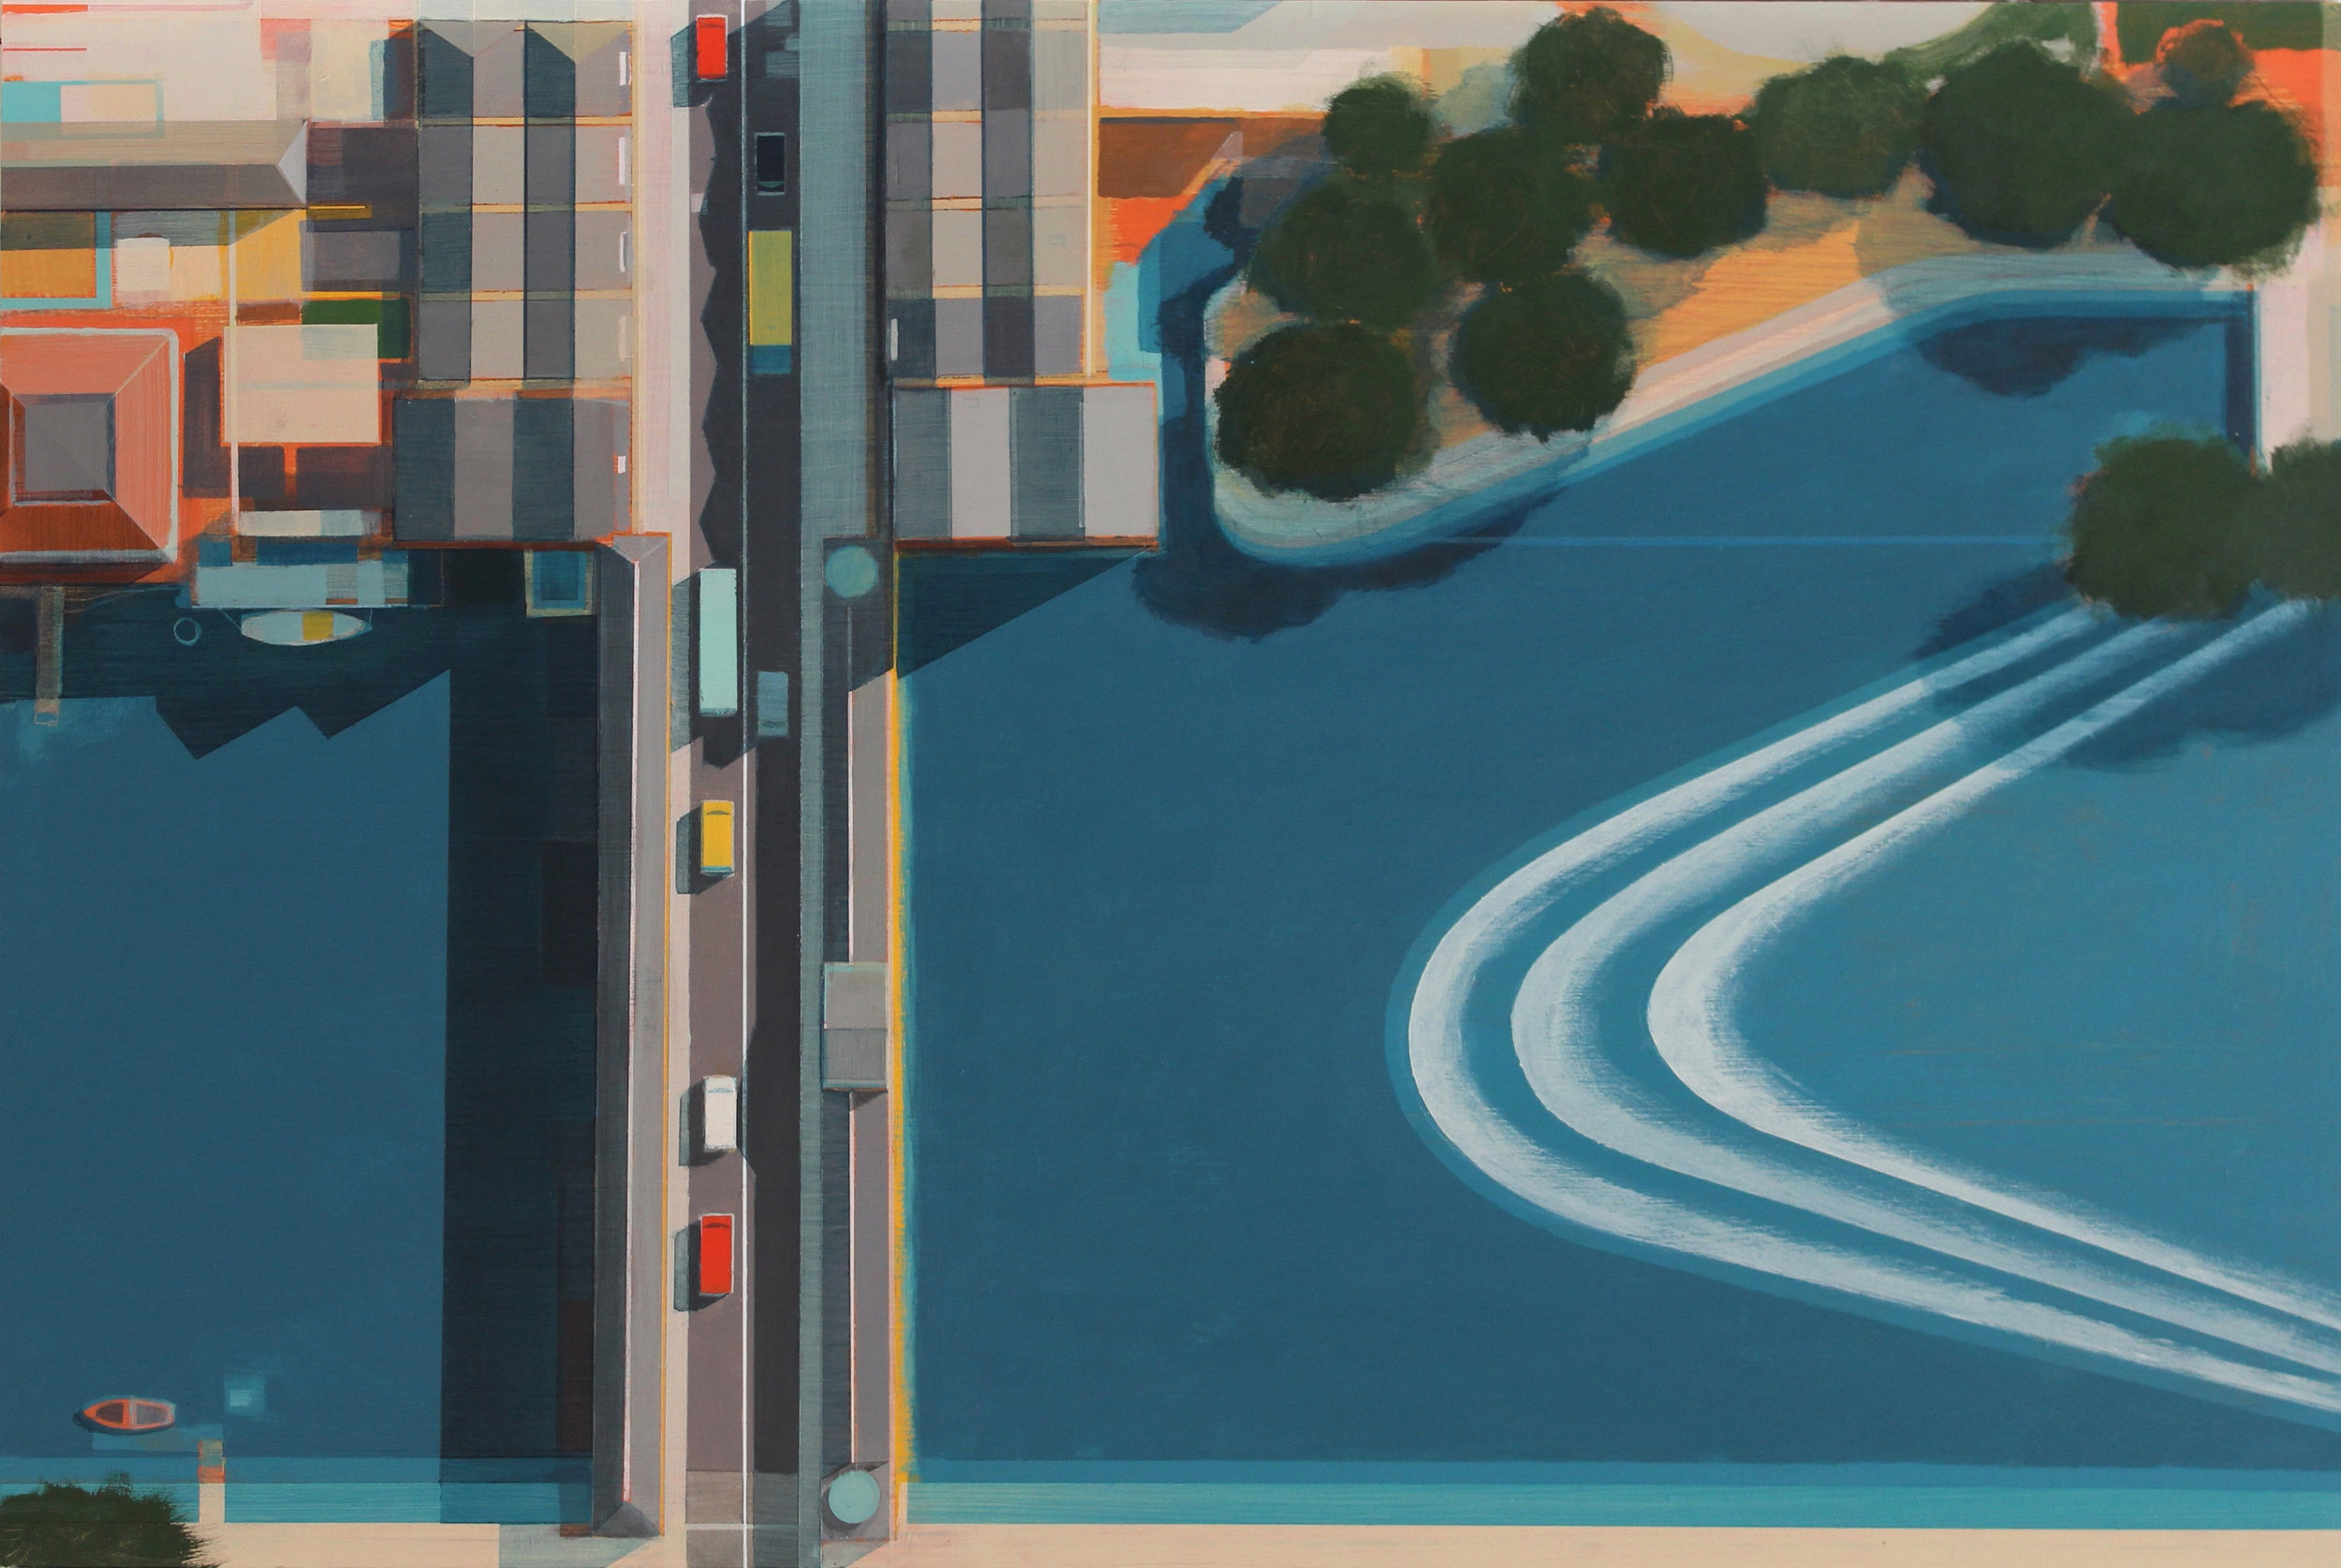 Pulteney Bridge and weir, Bath, acrylic on board, 40x59 cm £sold.